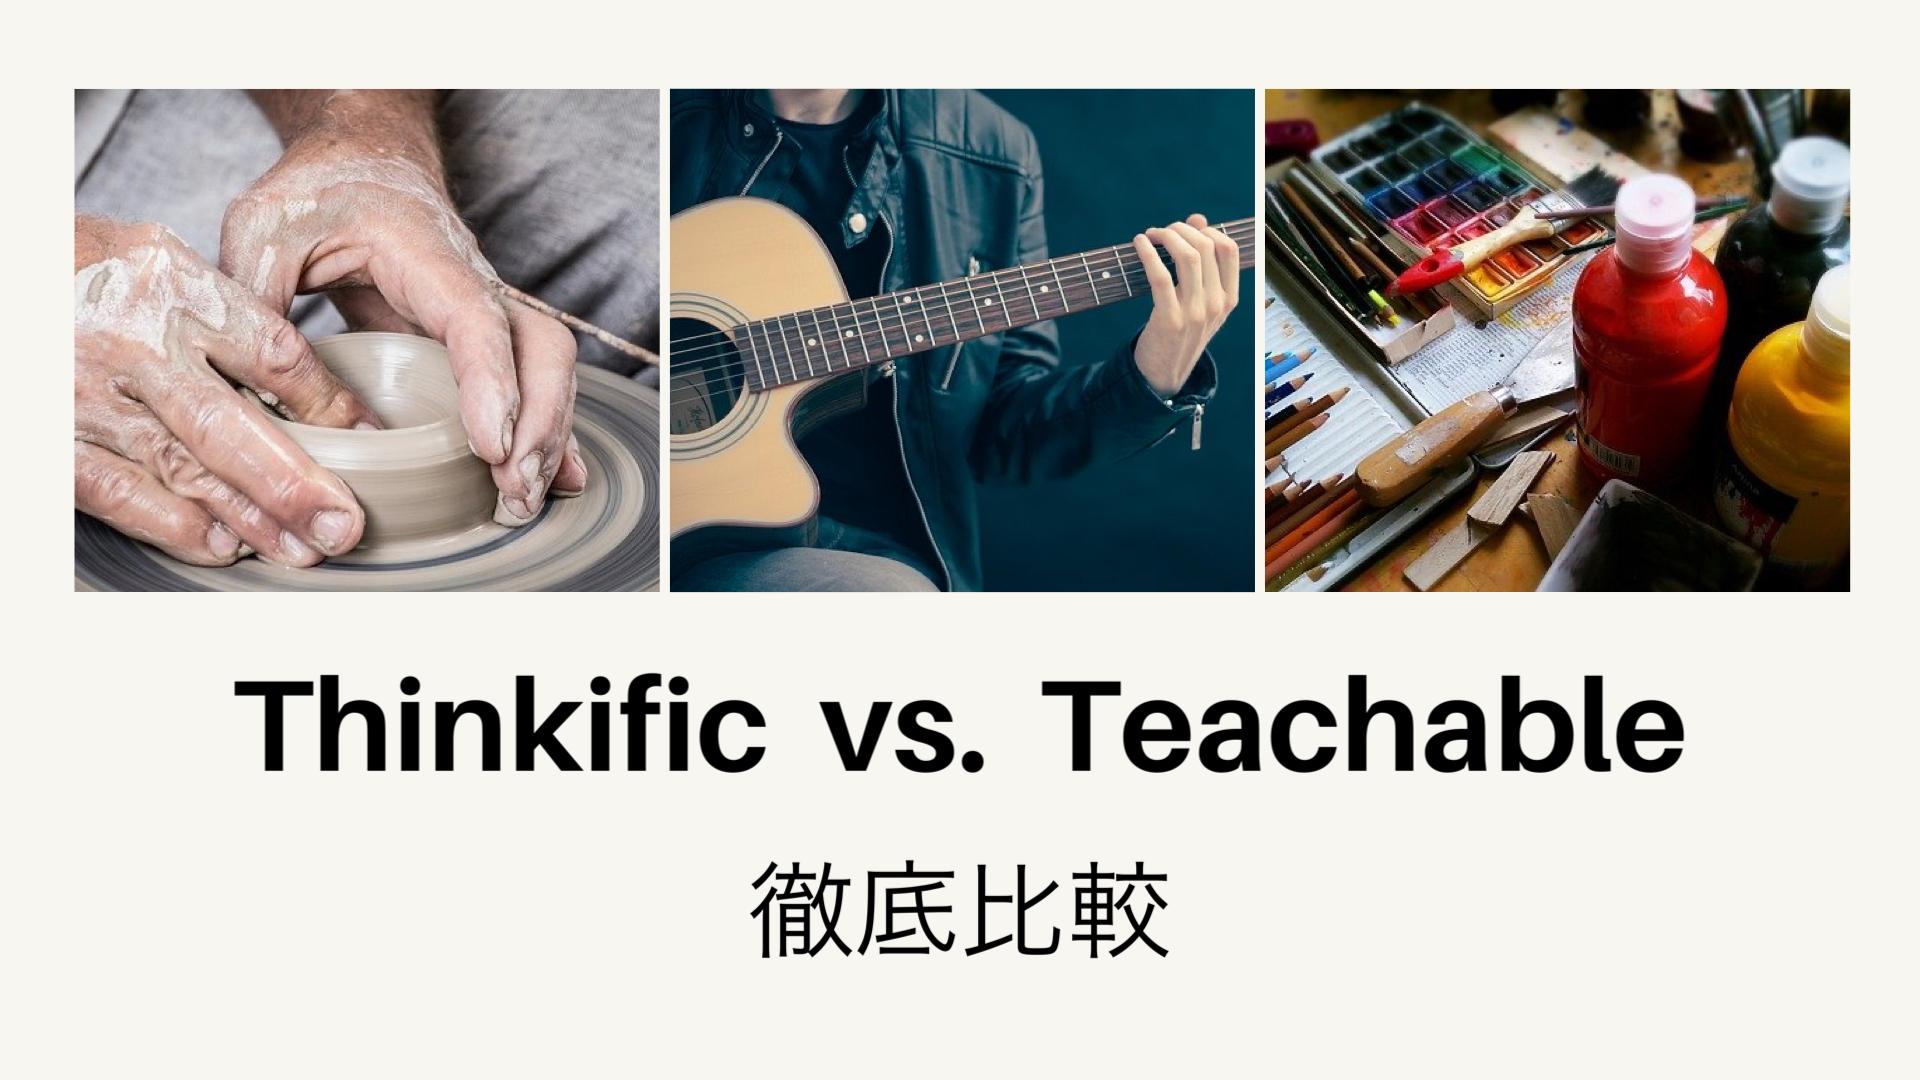 「Thinkific vs. Teachable」オンライン講座プラットフォームを比較してみた!どちらがおすすめ?